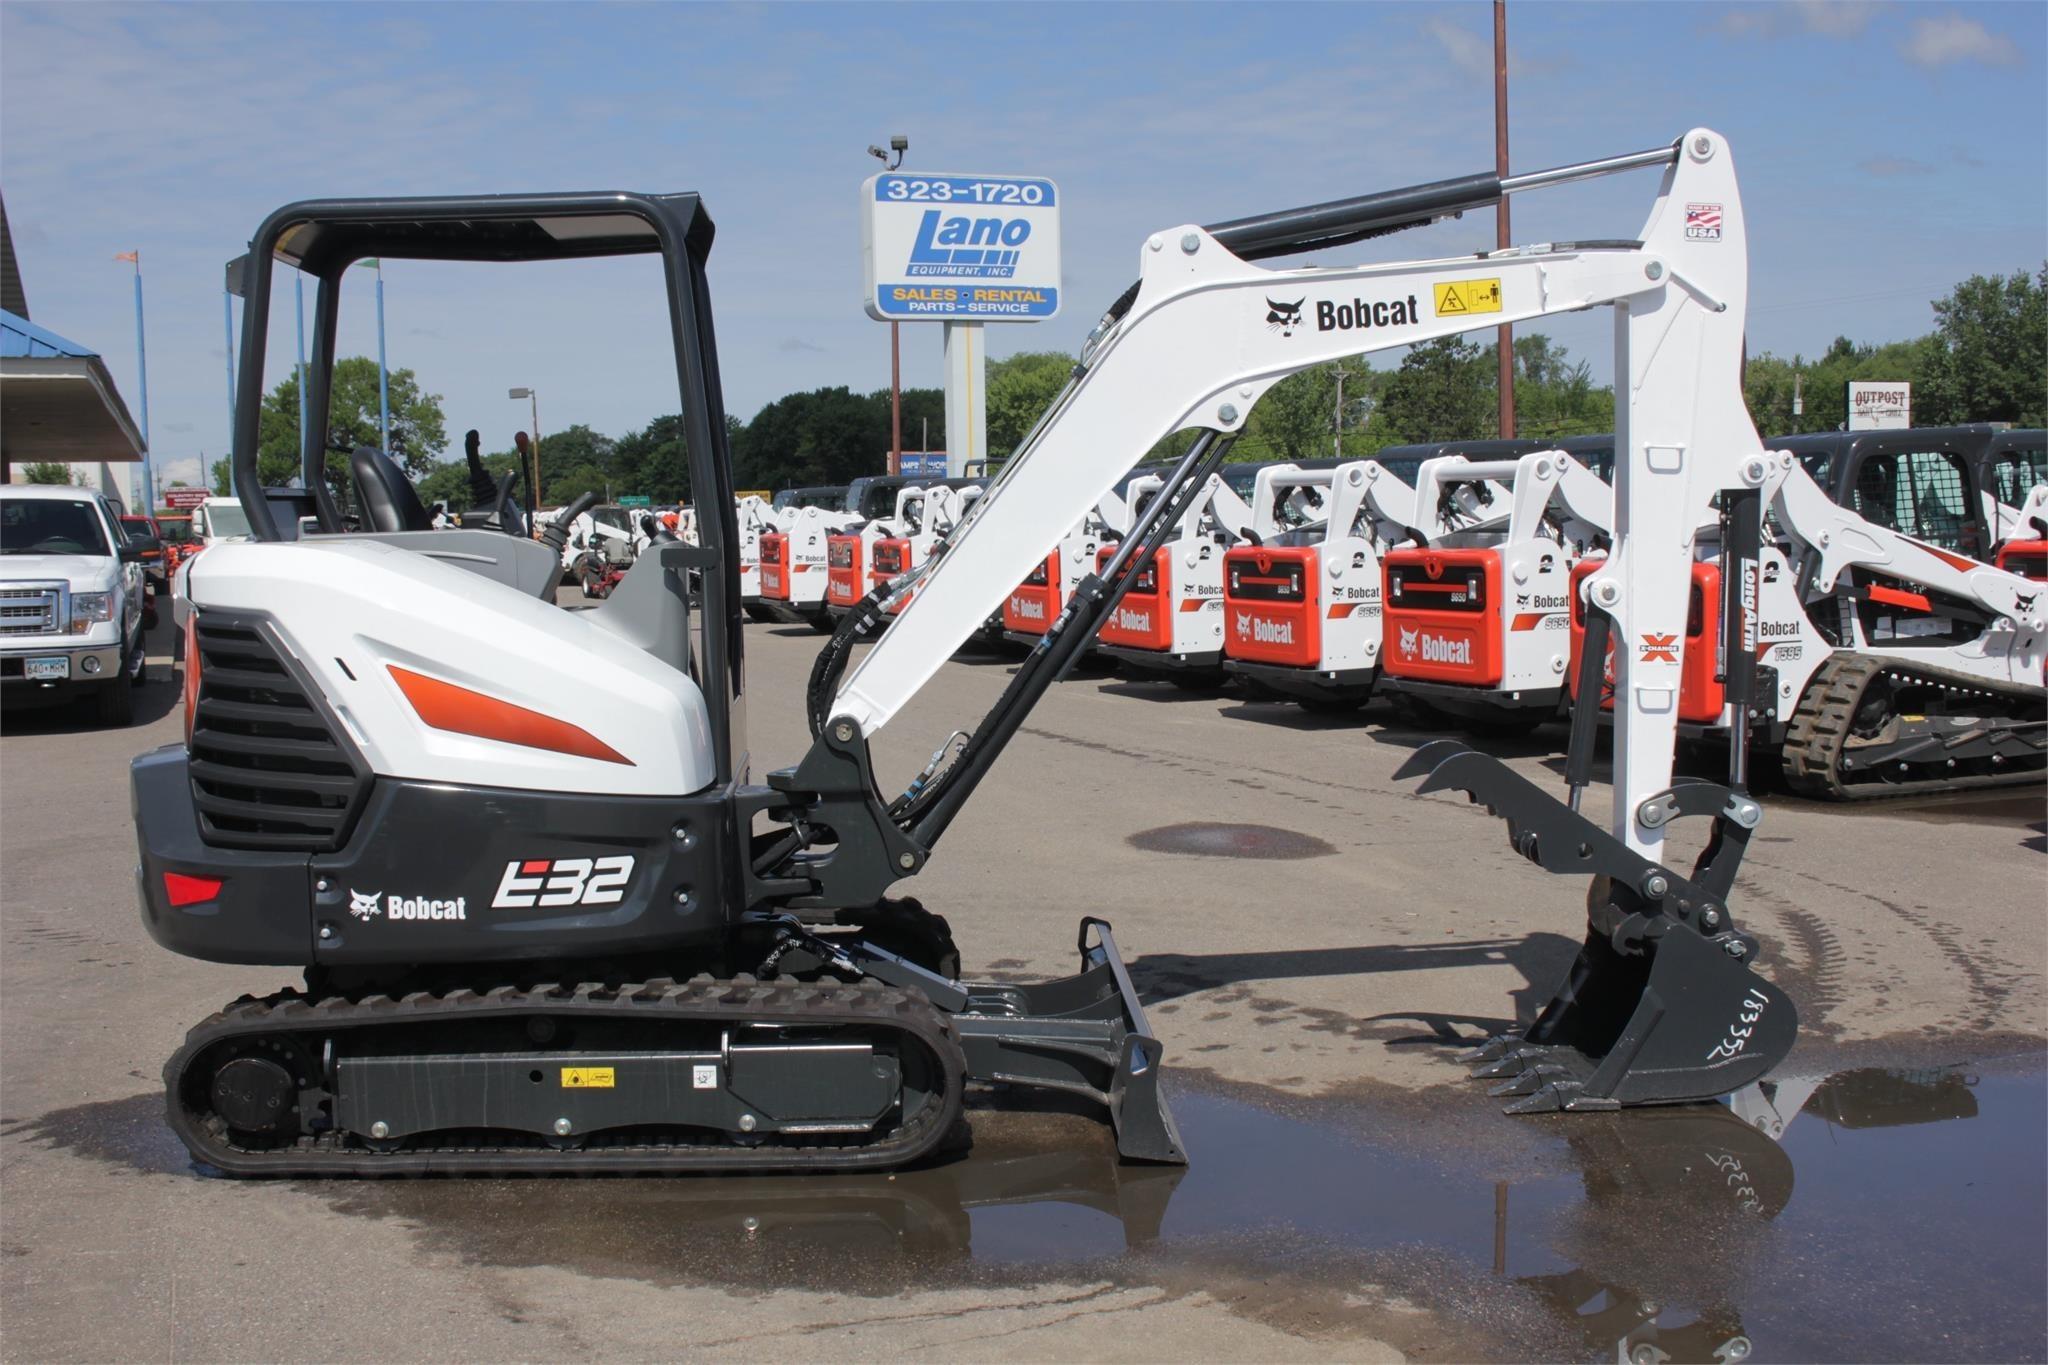 2020 Bobcat E32 Excavators and Mini Excavator